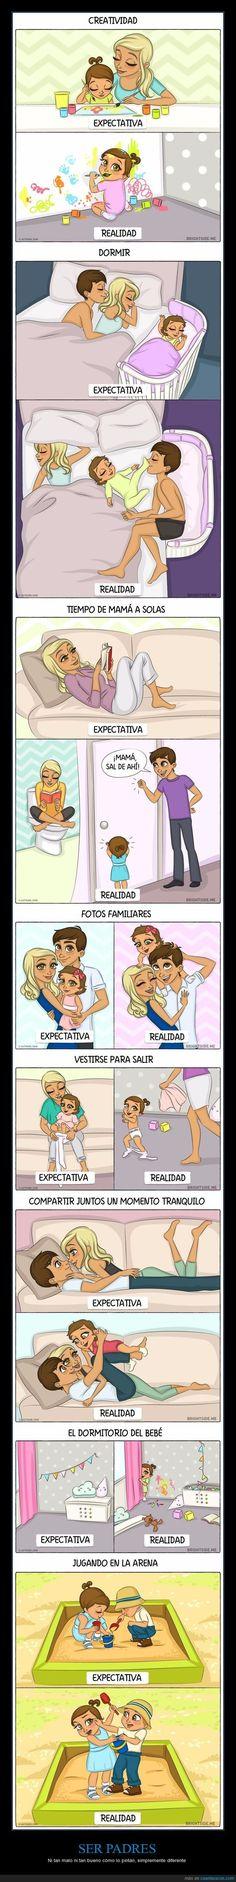 Cómo cambia la vida tras convertirse en padres por 1ª vez - Ni tan malo ni tan bueno cómo lo pintan, simplemente diferente   Gracias a http://www.cuantarazon.com/   Si quieres leer la noticia completa visita: http://www.estoy-aburrido.com/como-cambia-la-vida-tras-convertirse-en-padres-por-1a-vez-ni-tan-malo-ni-tan-bueno-como-lo-pintan-simplemente-diferente/